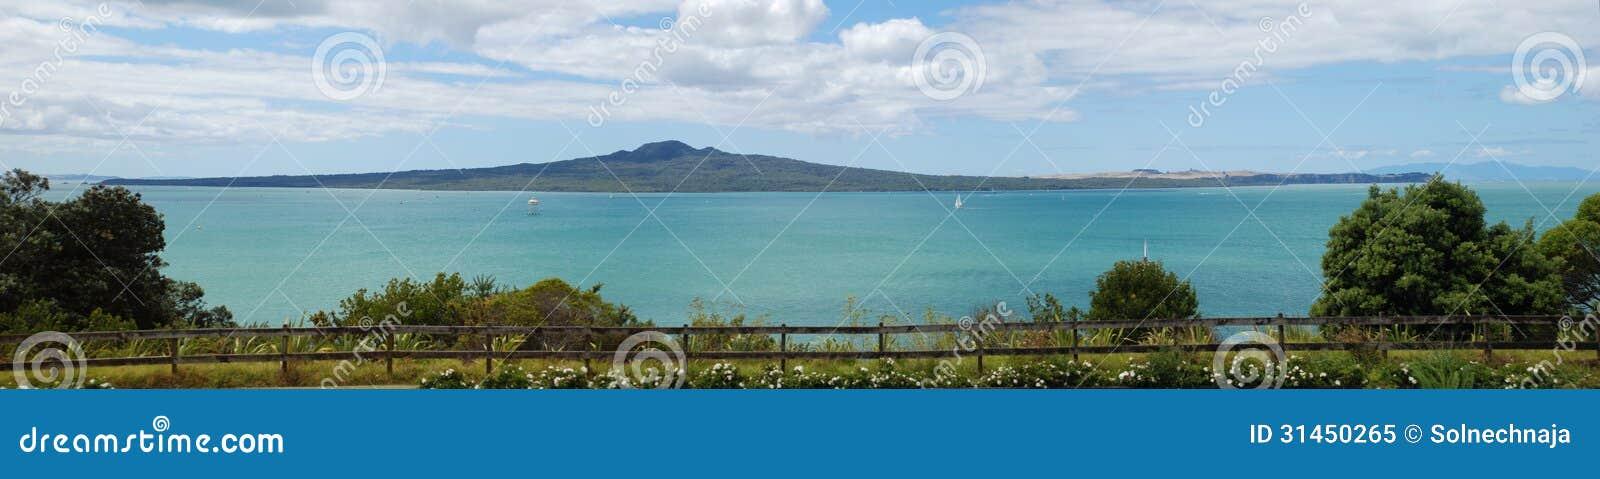 Ilha de Rangitoto e o golfo de Hauraki